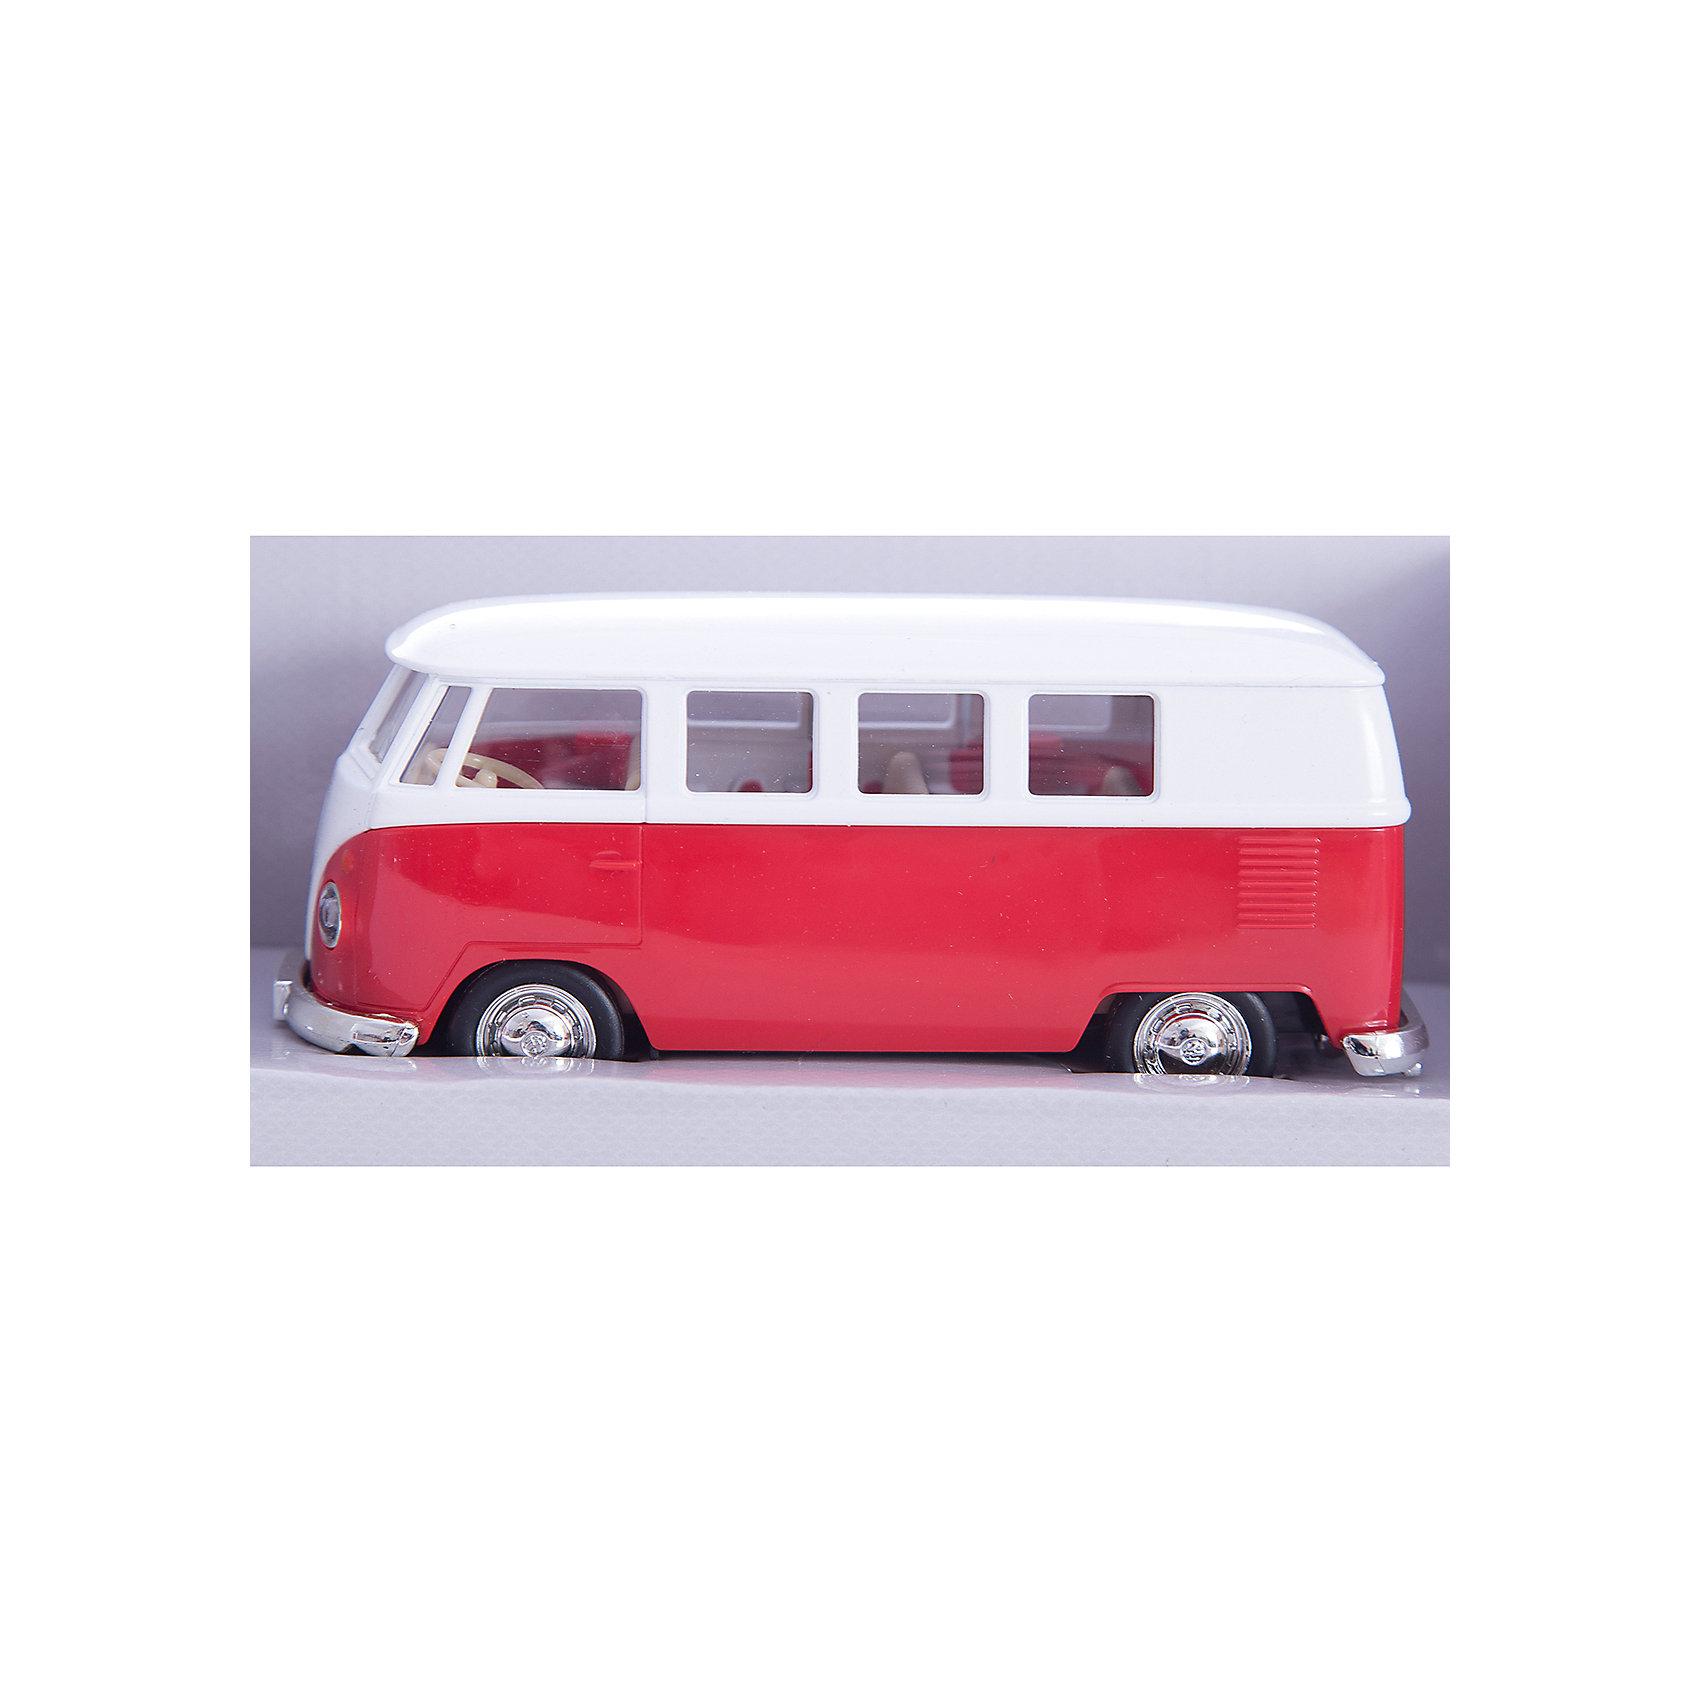 Машинка Volkswagen T1 Transporter 5, AutotimeМашинки<br>Характеристики товара:<br><br>• цвет: оранжевый, красный<br>• возраст: от 3 лет<br>• материал: металл, пластик<br>• масштаб: 1:32<br>• двери открываются<br>• размер упаковки: 16х7х7 см<br>• вес с упаковкой: 100 г<br>• страна бренда: Россия, Китай<br>• страна изготовитель: Китай<br><br>Такая машинка представляет собой миниатюрную копию реально существующей модели. Она отличается высокой детализацией, является коллекционной моделью. <br><br>Сделана машинка из прочного и безопасного материала. Корпус - из металла. <br><br>Машинку «Volkswagen T1 Transporter 5», Autotime (Автотайм) можно купить в нашем интернет-магазине.<br><br>Ширина мм: 165<br>Глубина мм: 57<br>Высота мм: 75<br>Вес г: 13<br>Возраст от месяцев: 36<br>Возраст до месяцев: 2147483647<br>Пол: Мужской<br>Возраст: Детский<br>SKU: 5584111